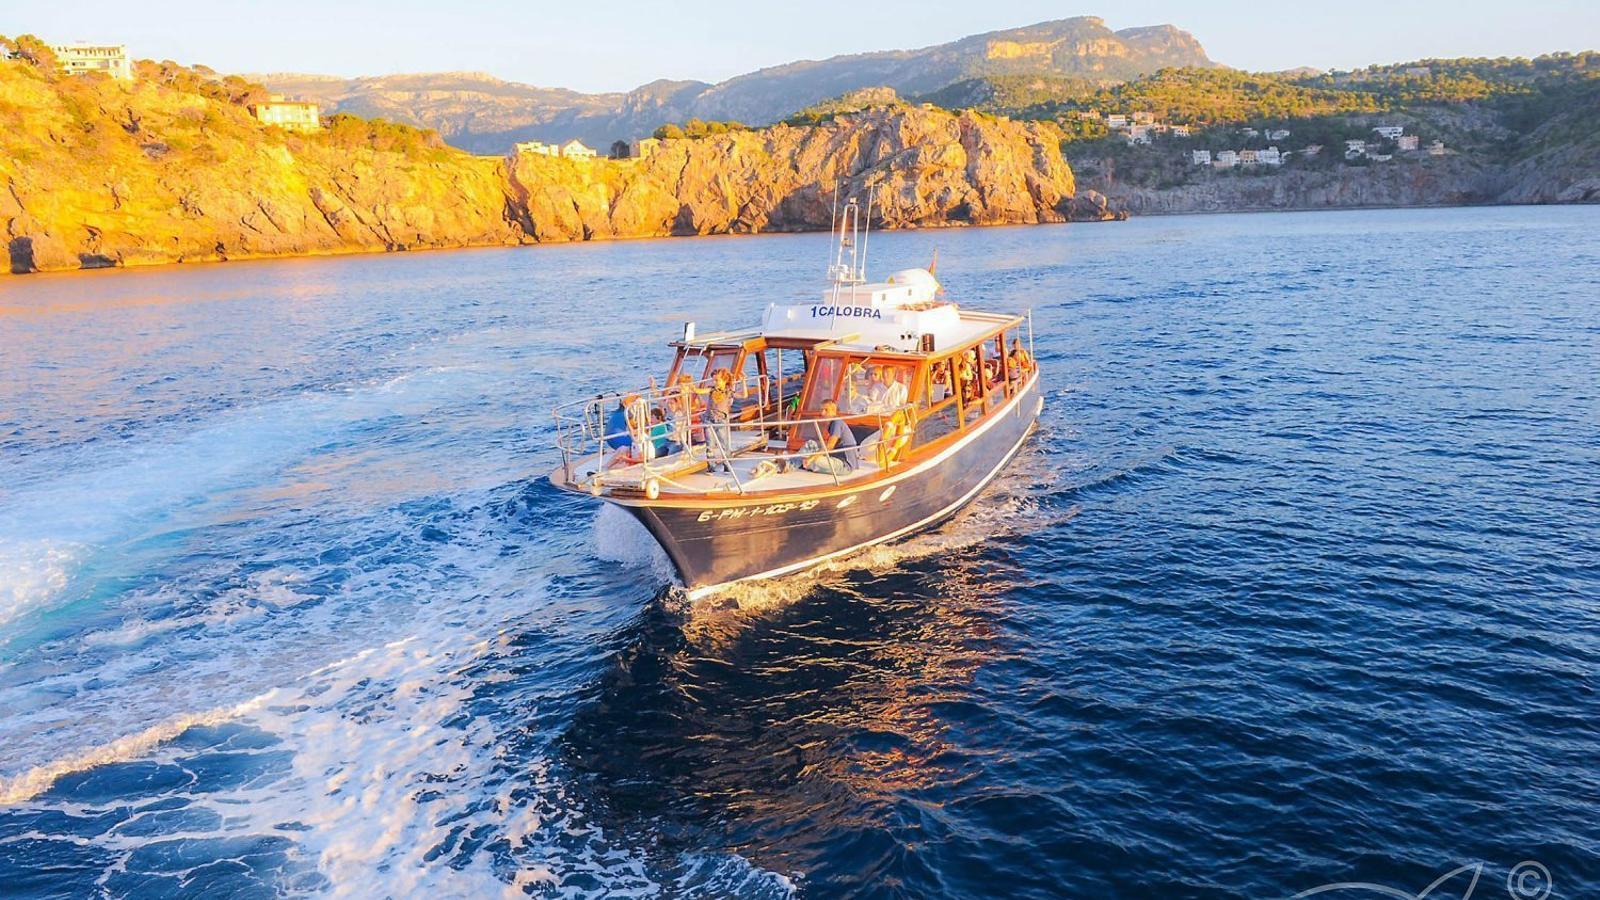 La història de la transformació turística a través d'una barca